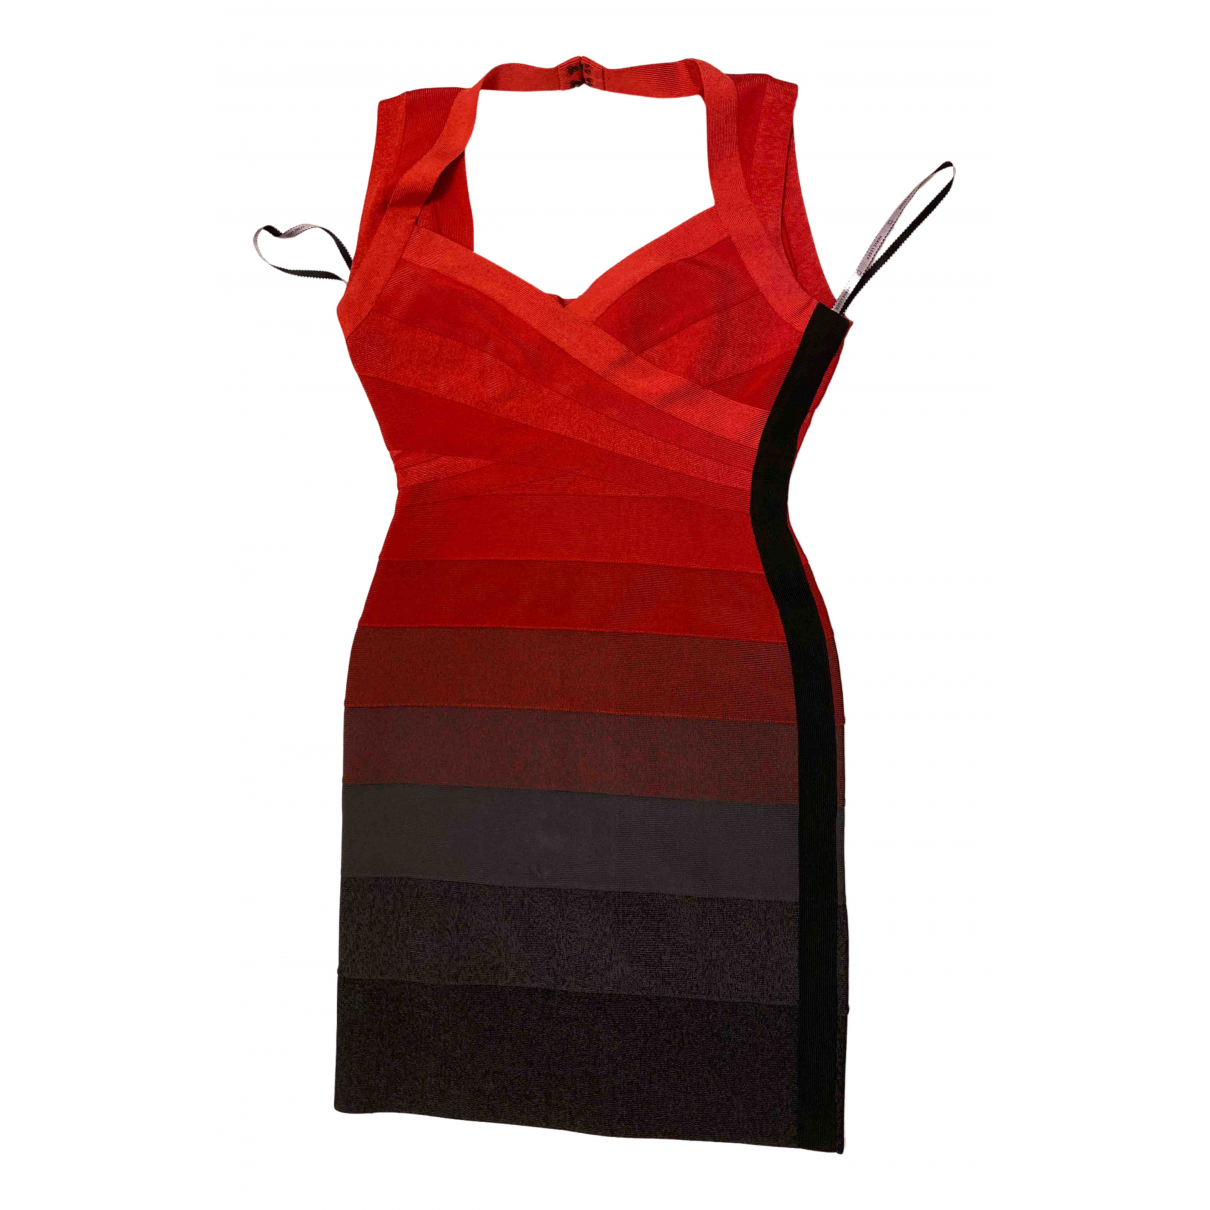 Herve Leger \N Kleid in  Bunt Polyester